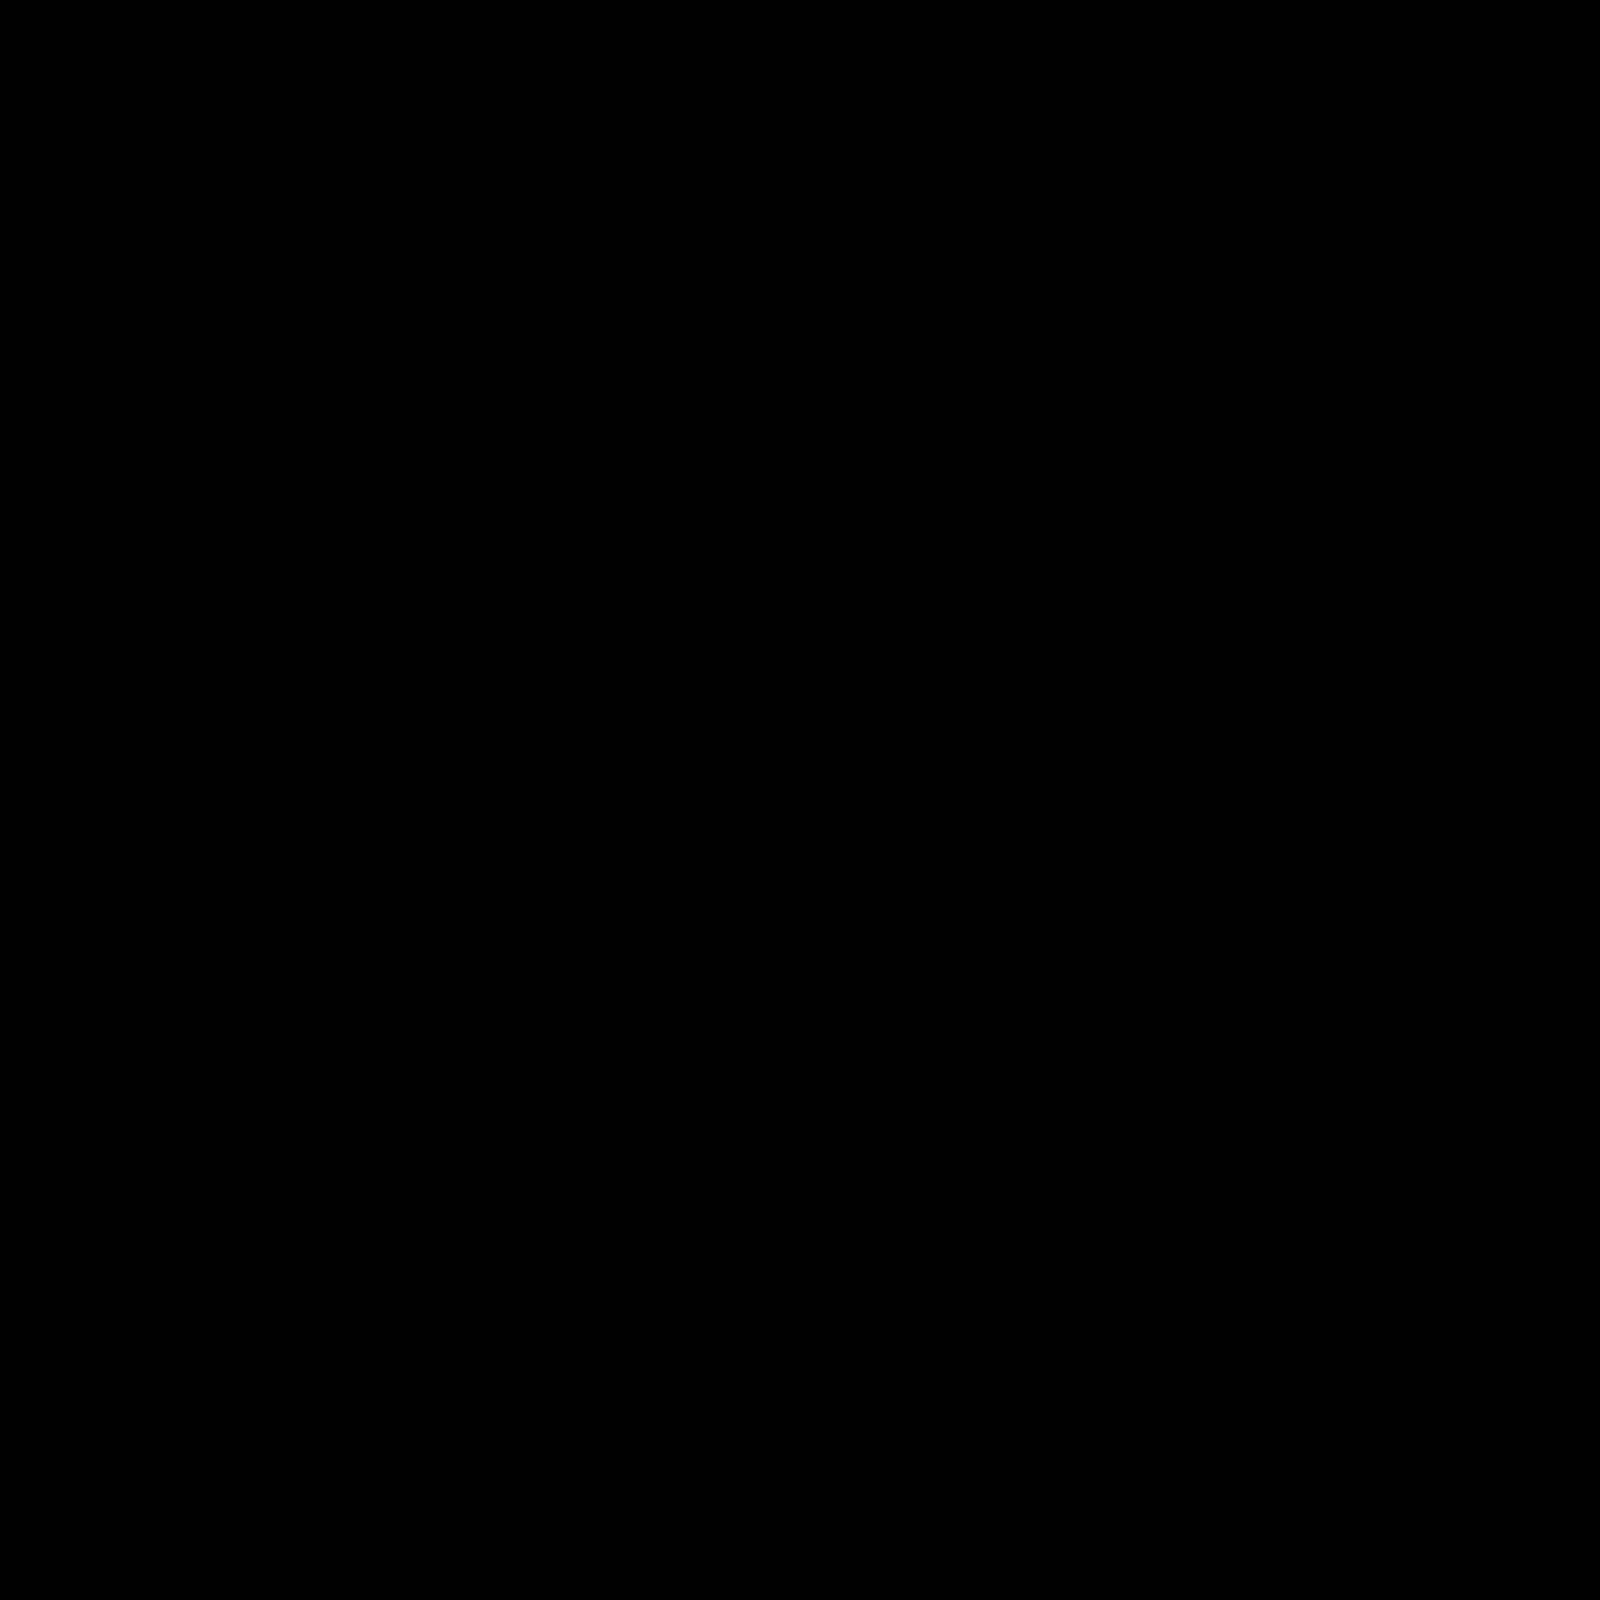 プレイリスト icon